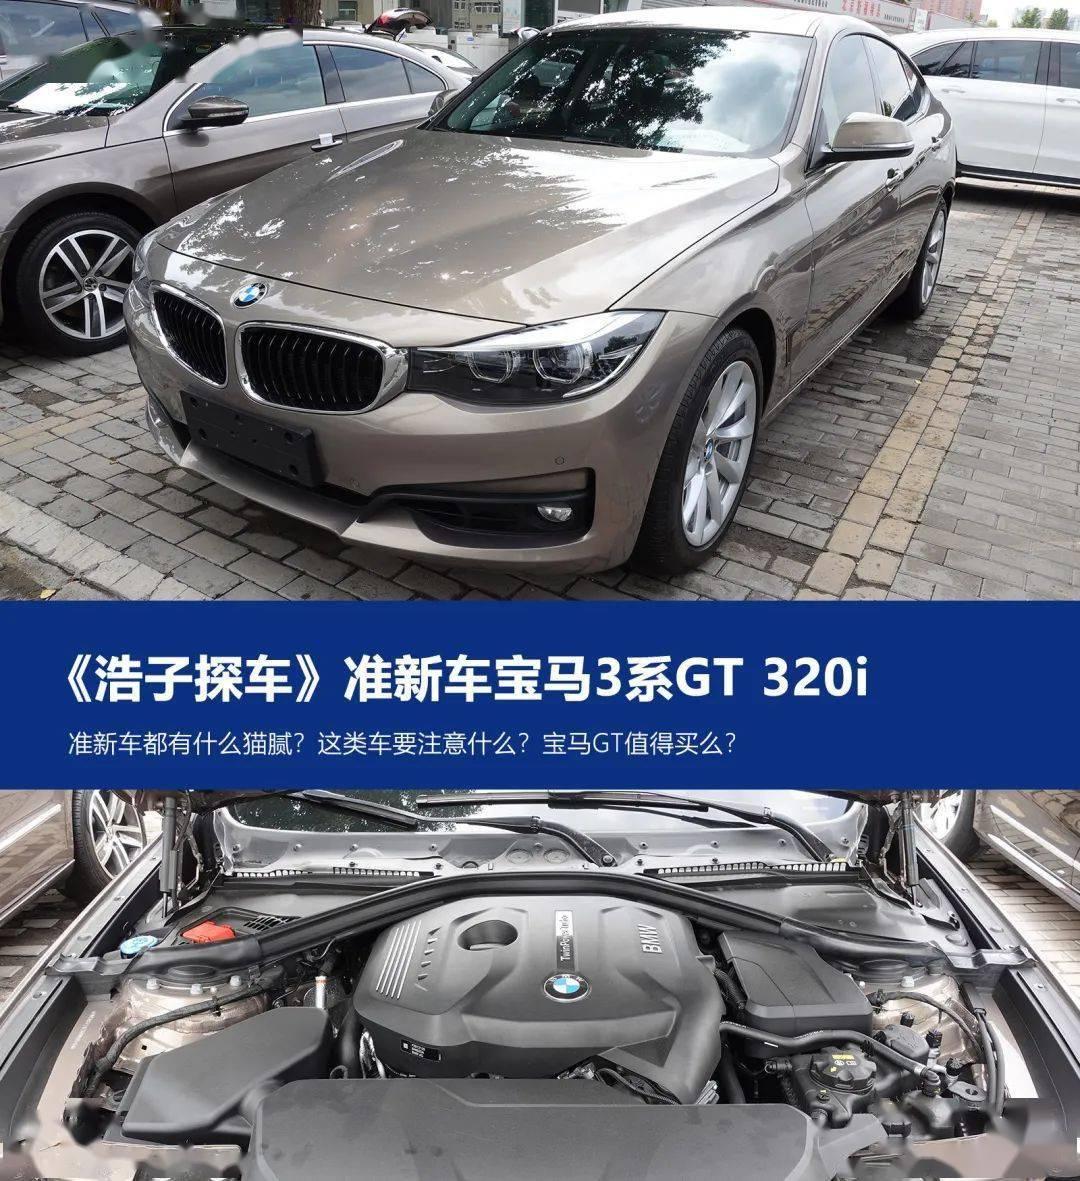 未来的新车有什么问题?值得买吗?